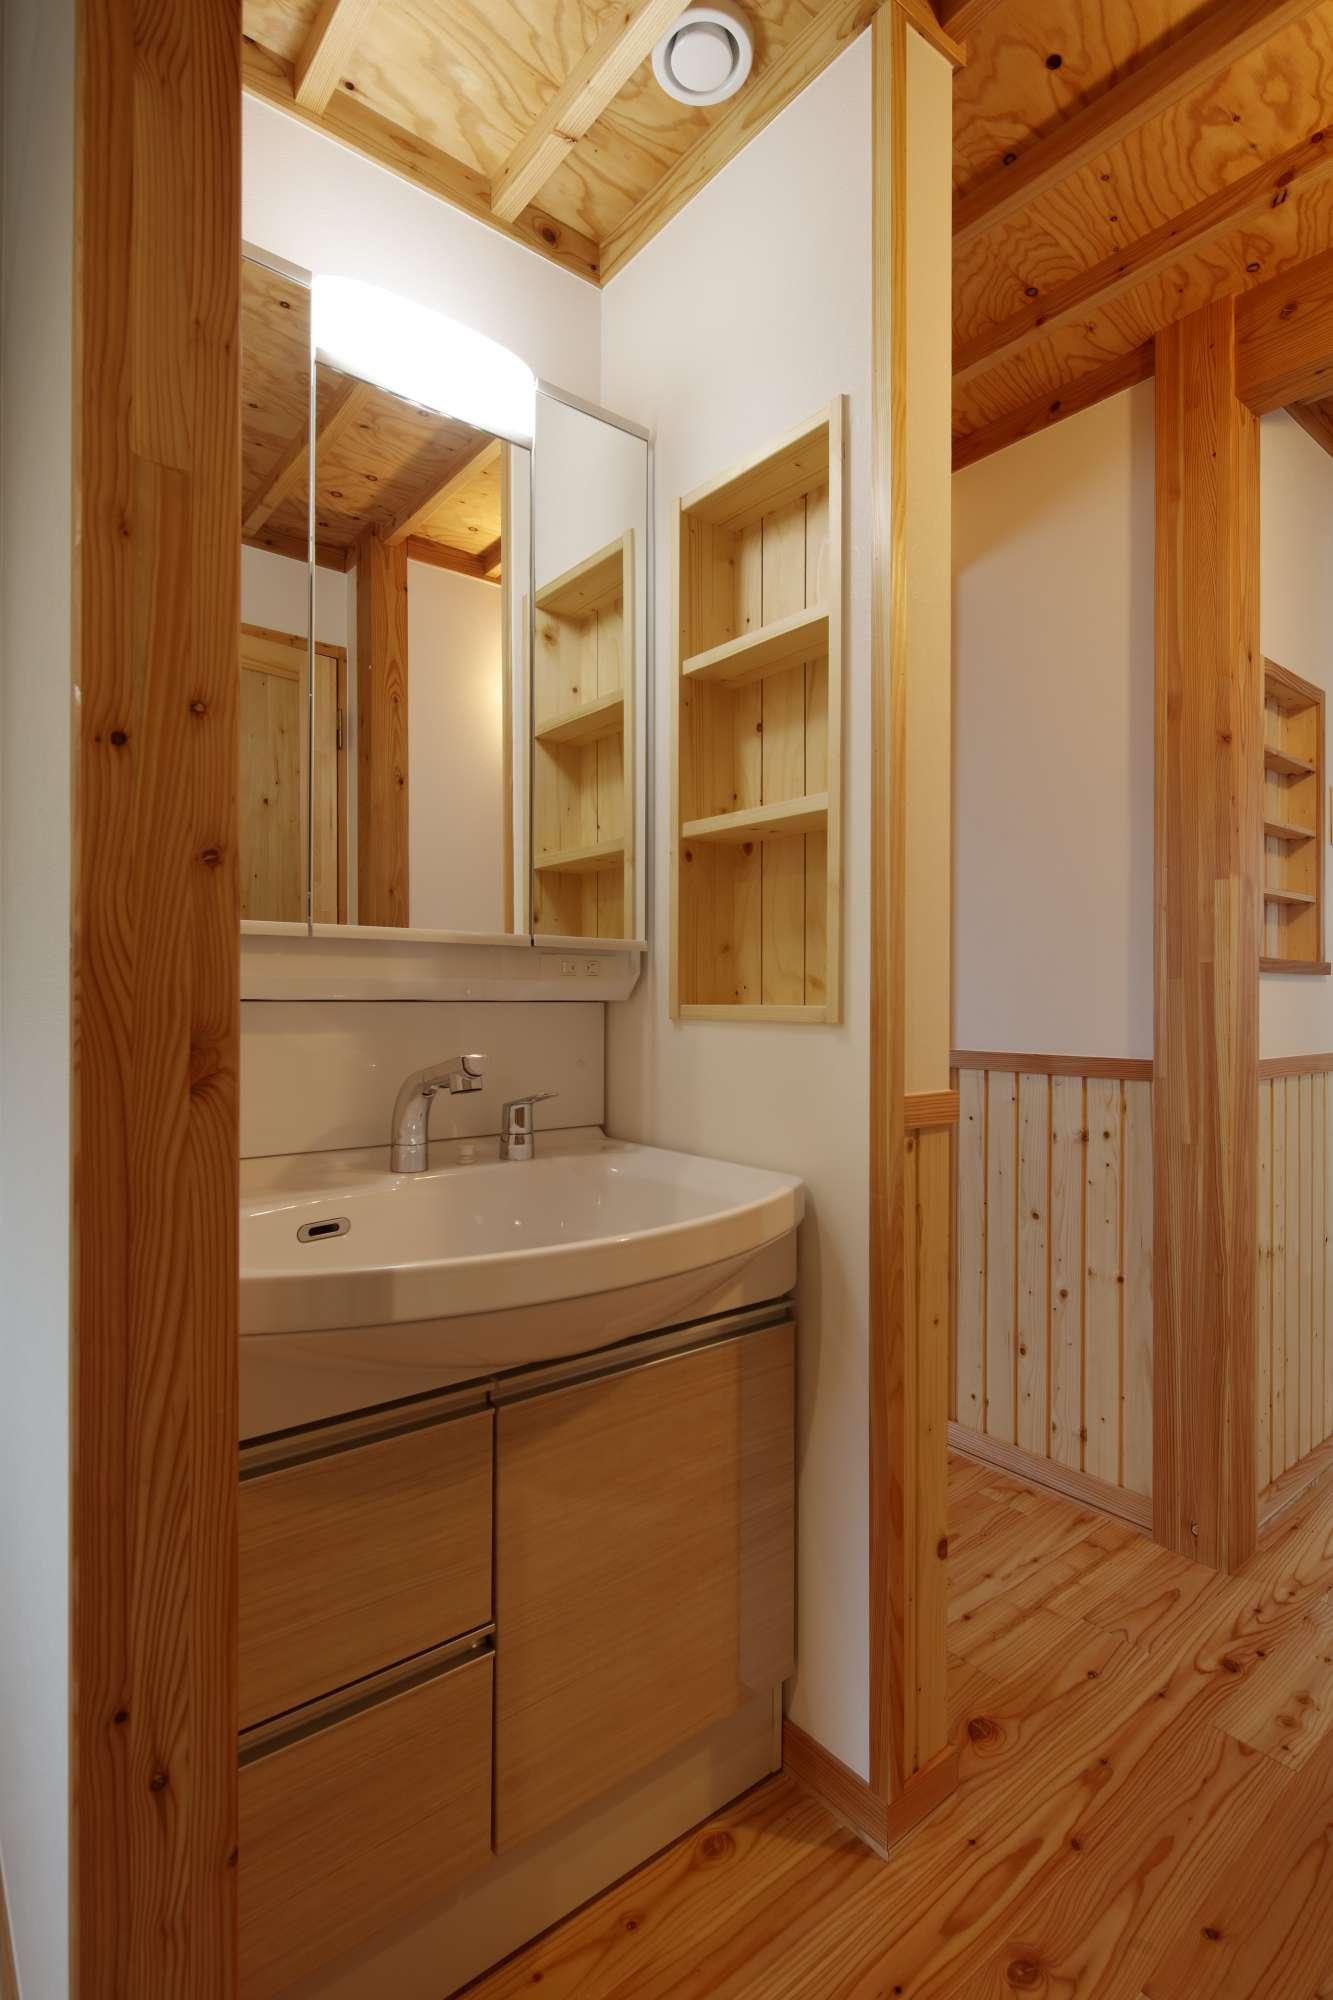 洗面台は独立した空間に設置。 -  -  -